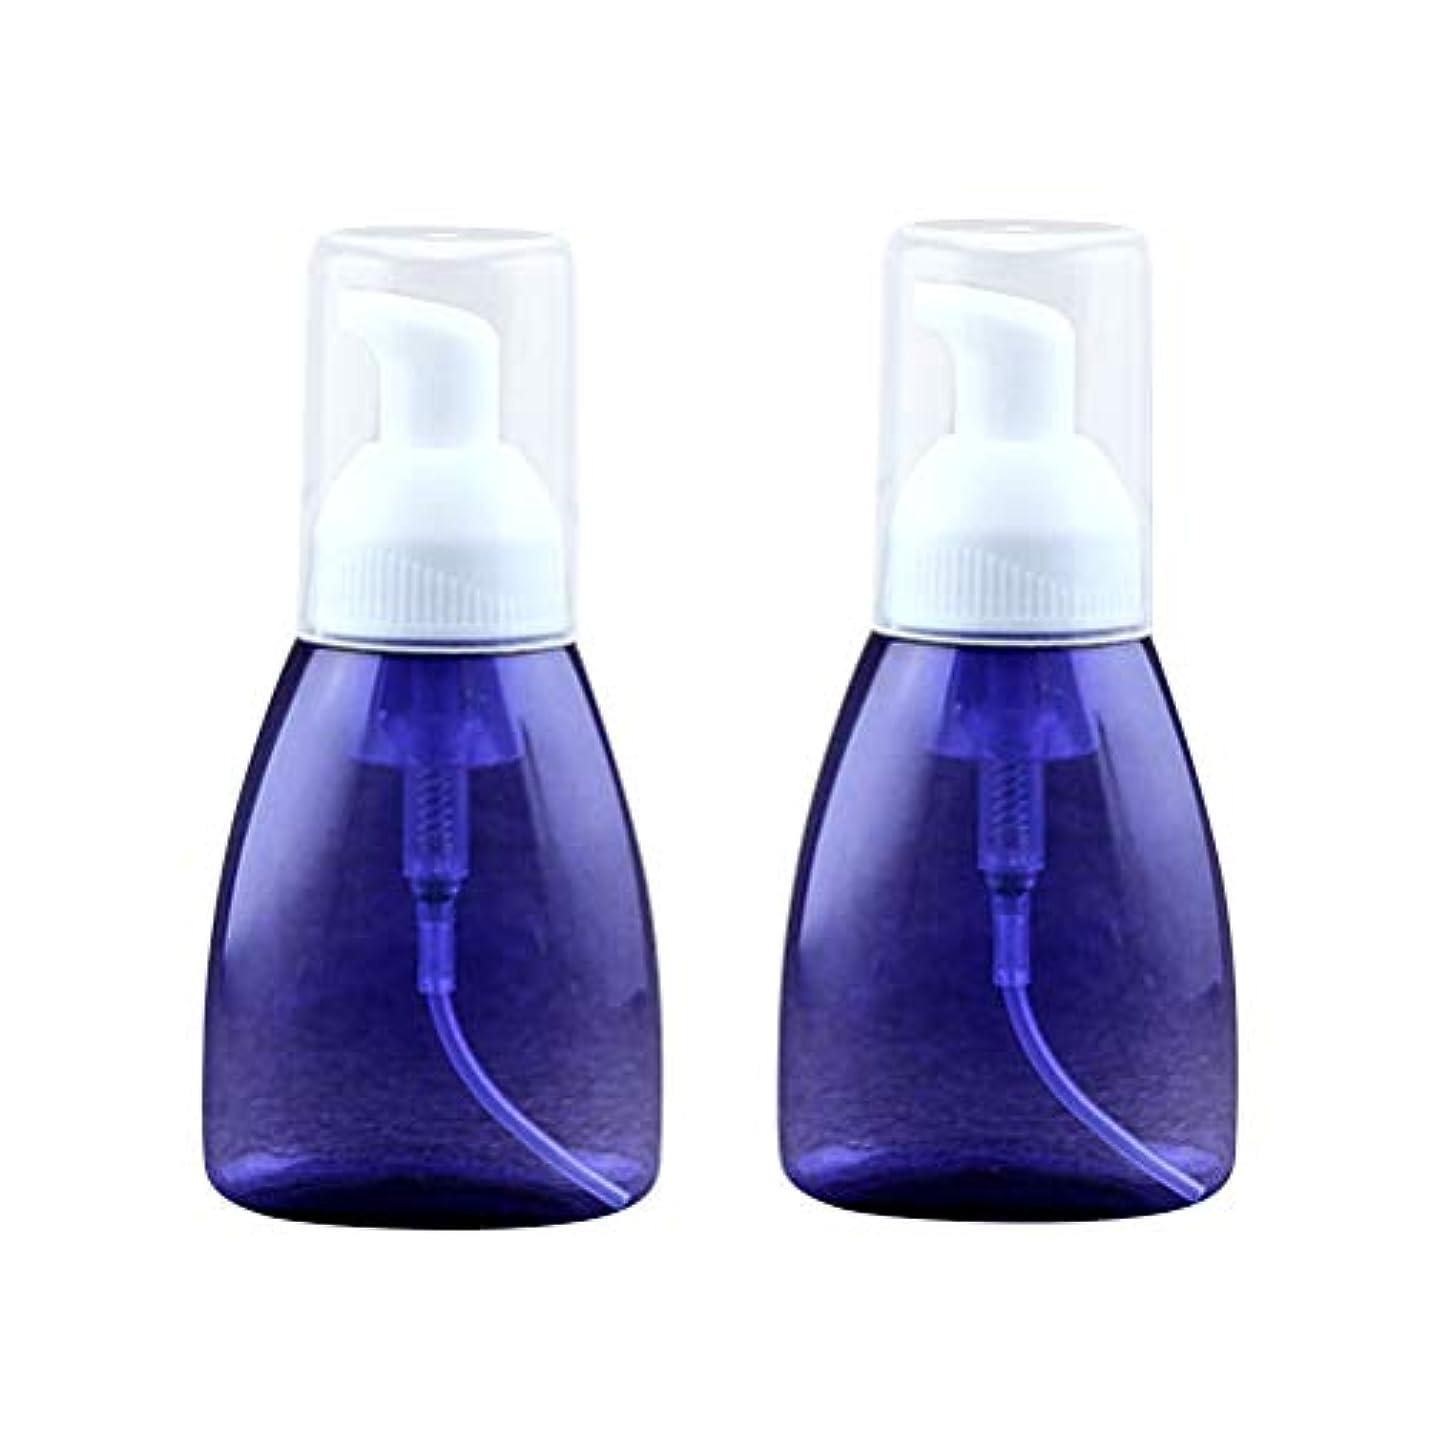 SUPVOX 2本発泡ソープディスペンサー詰め替え式プラスチックローションボトル泡ハンドポンプ空のボトル容器クリアトラベルトイレタリーボトル用液体シャンプー80ml(ブルー)